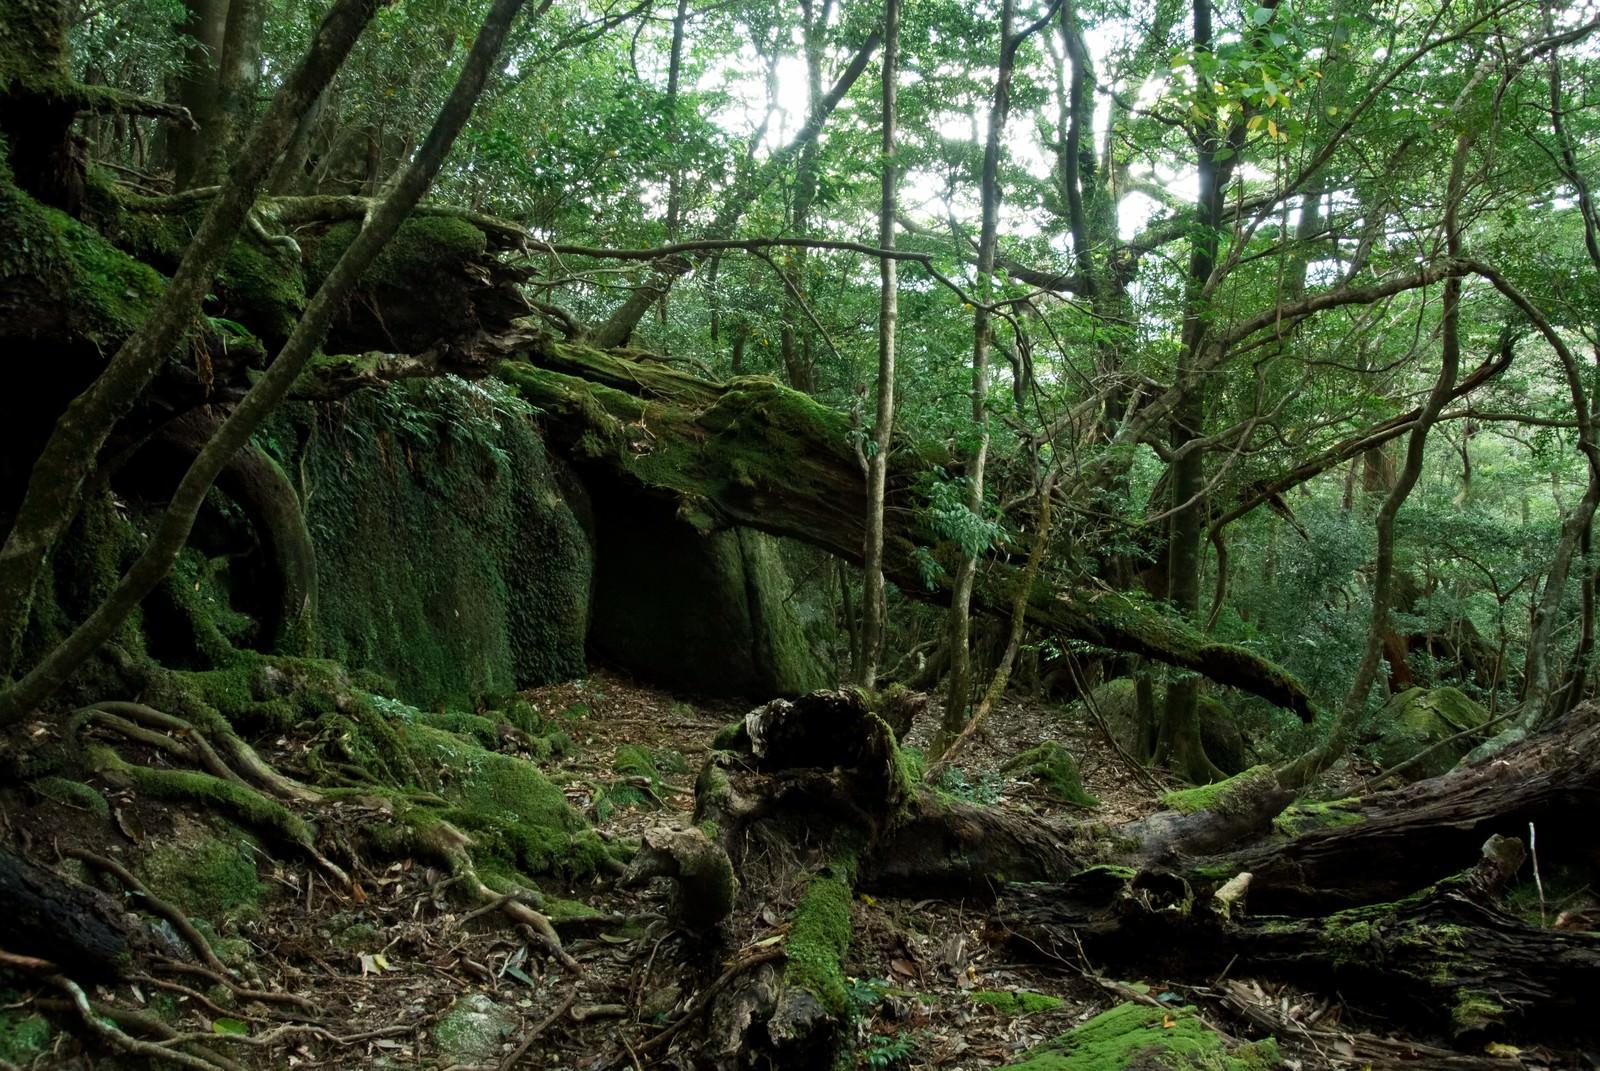 「屋久島の森と折れた木々」の写真